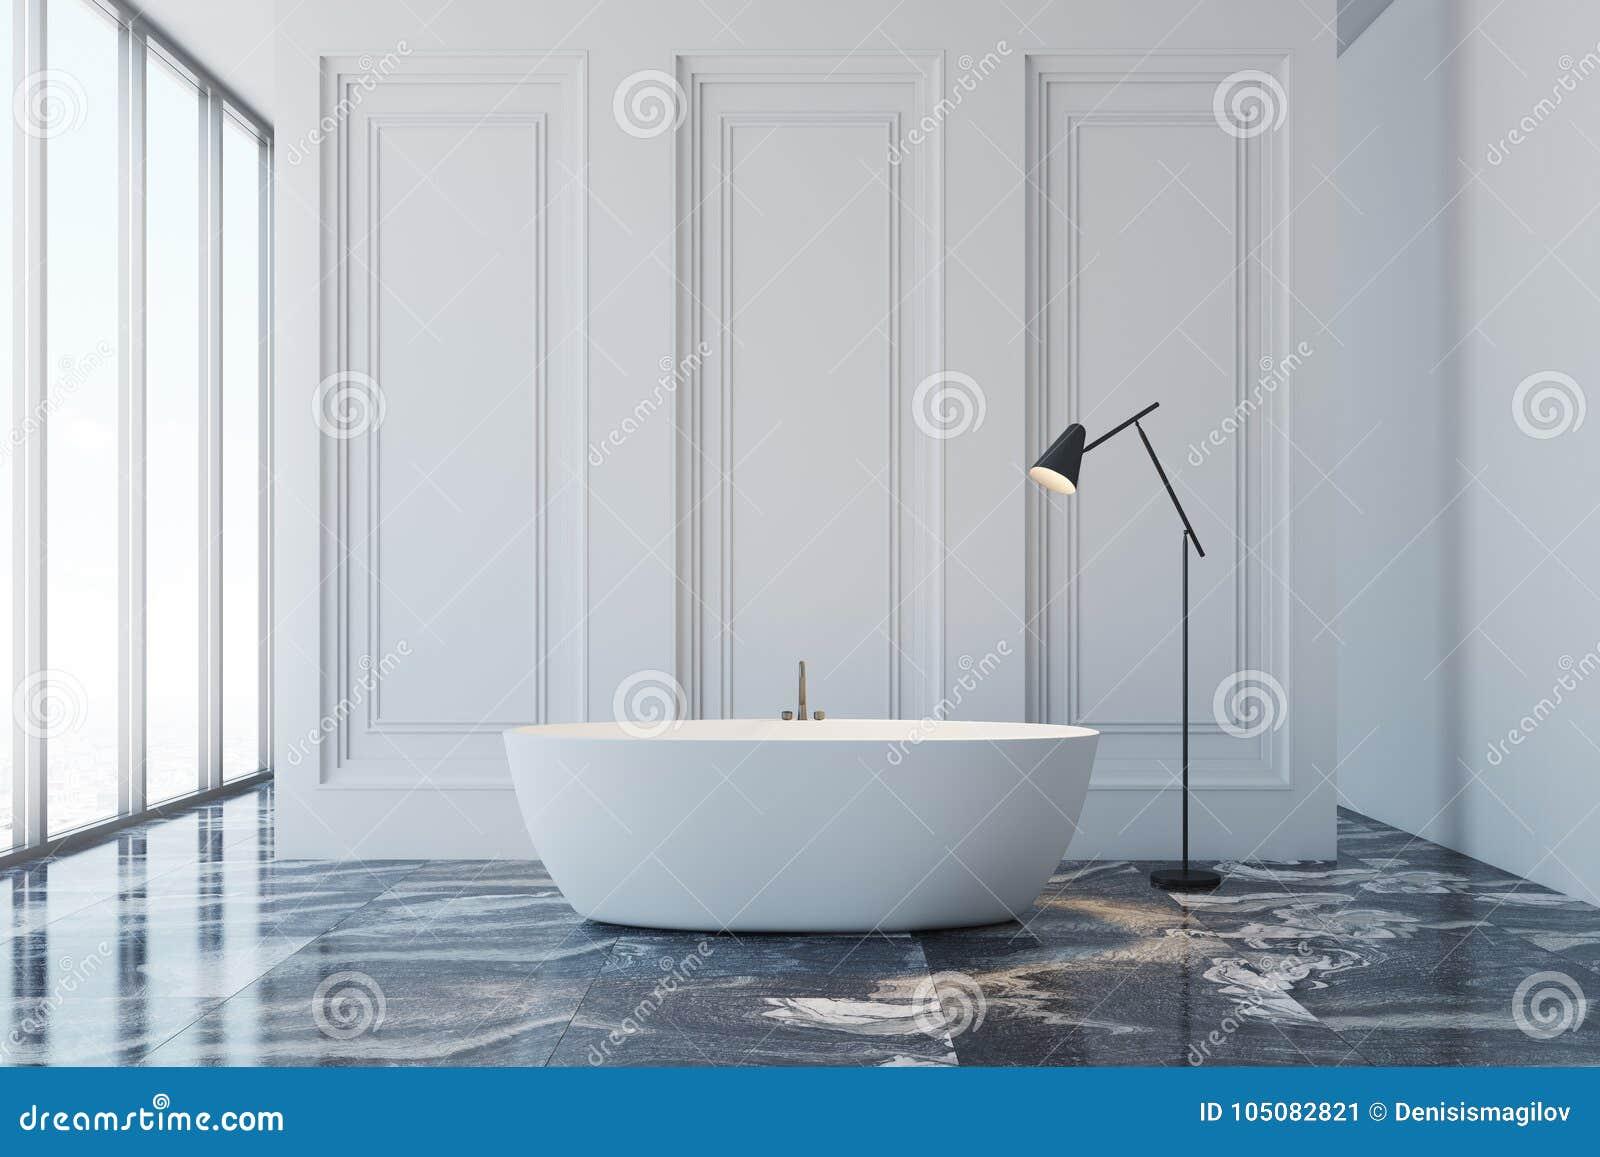 Marble floor bathroom stock illustration. Illustration of beautiful ...